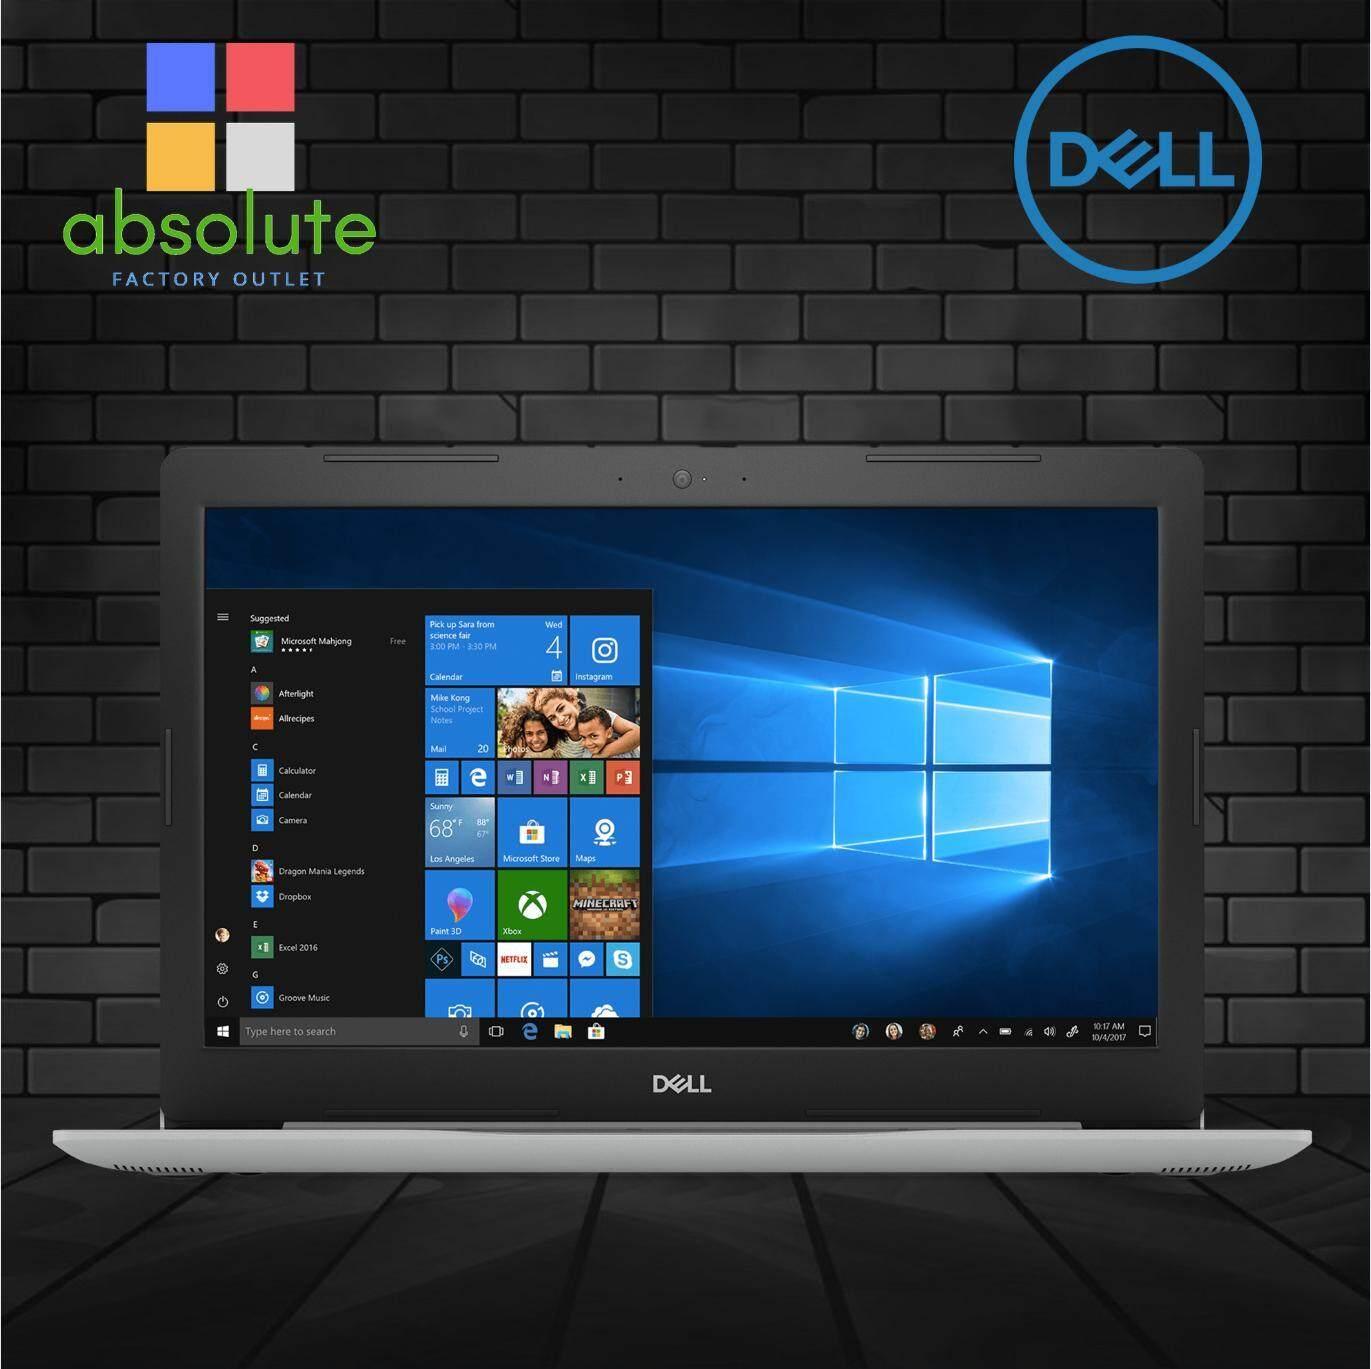 Dell Inspiron 13 5370 Laptop (Intel Core i5-8250U, 4GB RAM, 256GB PCIe NVMe SSD, AMD 530 2GB, 13.3 FHD, 1 Year Dell Warranty) Malaysia